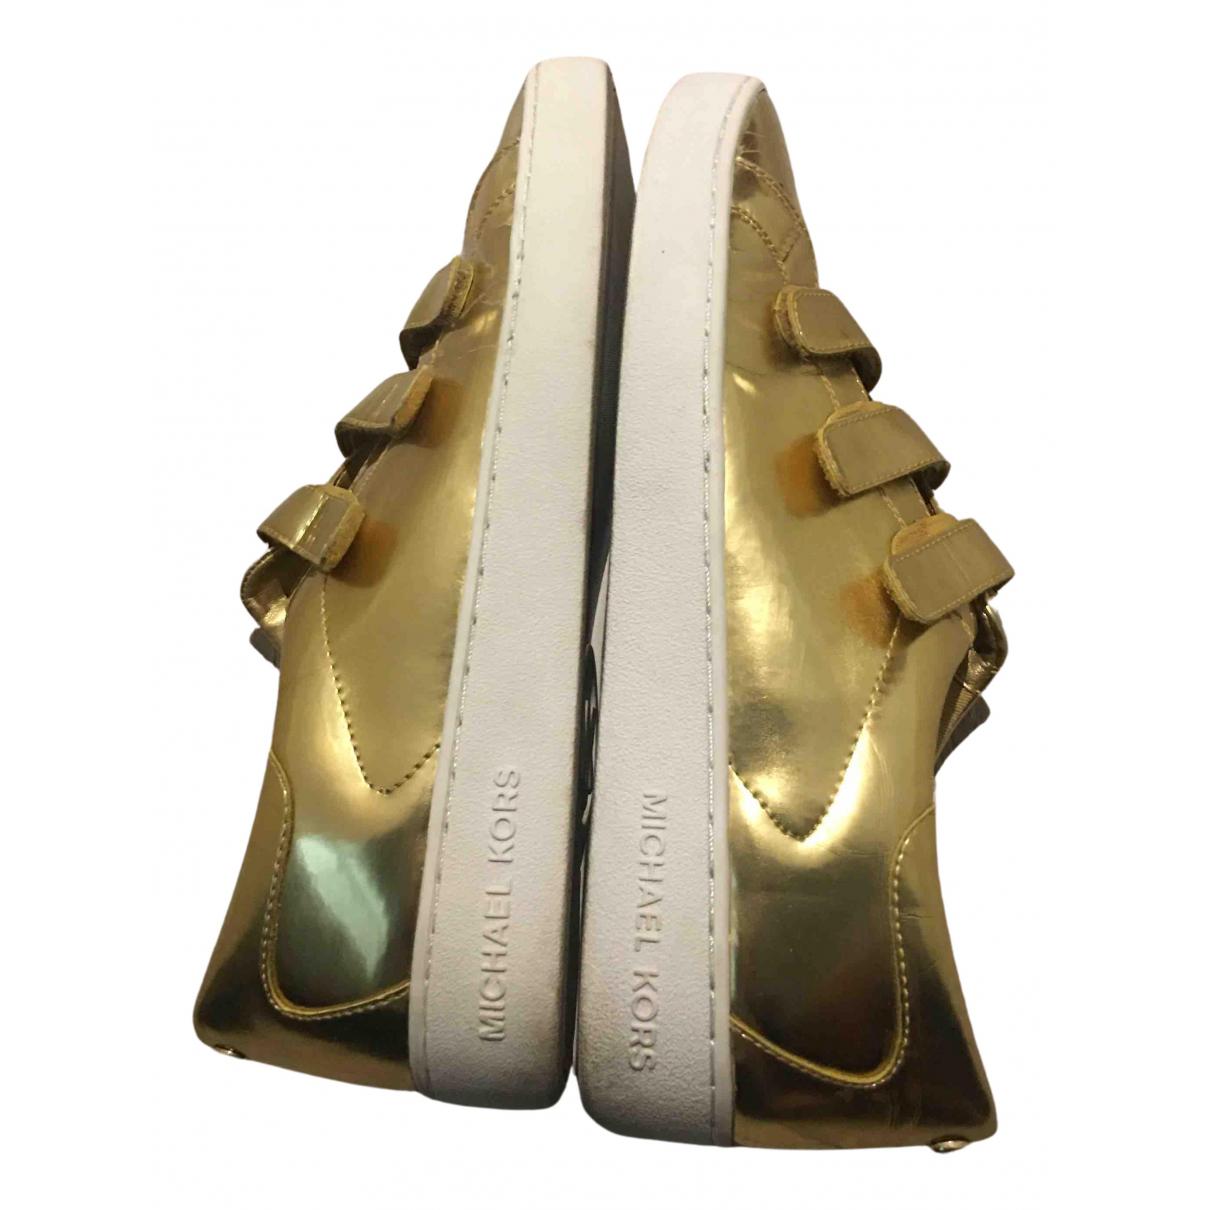 Michael Kors - Baskets   pour femme en caoutchouc - dore